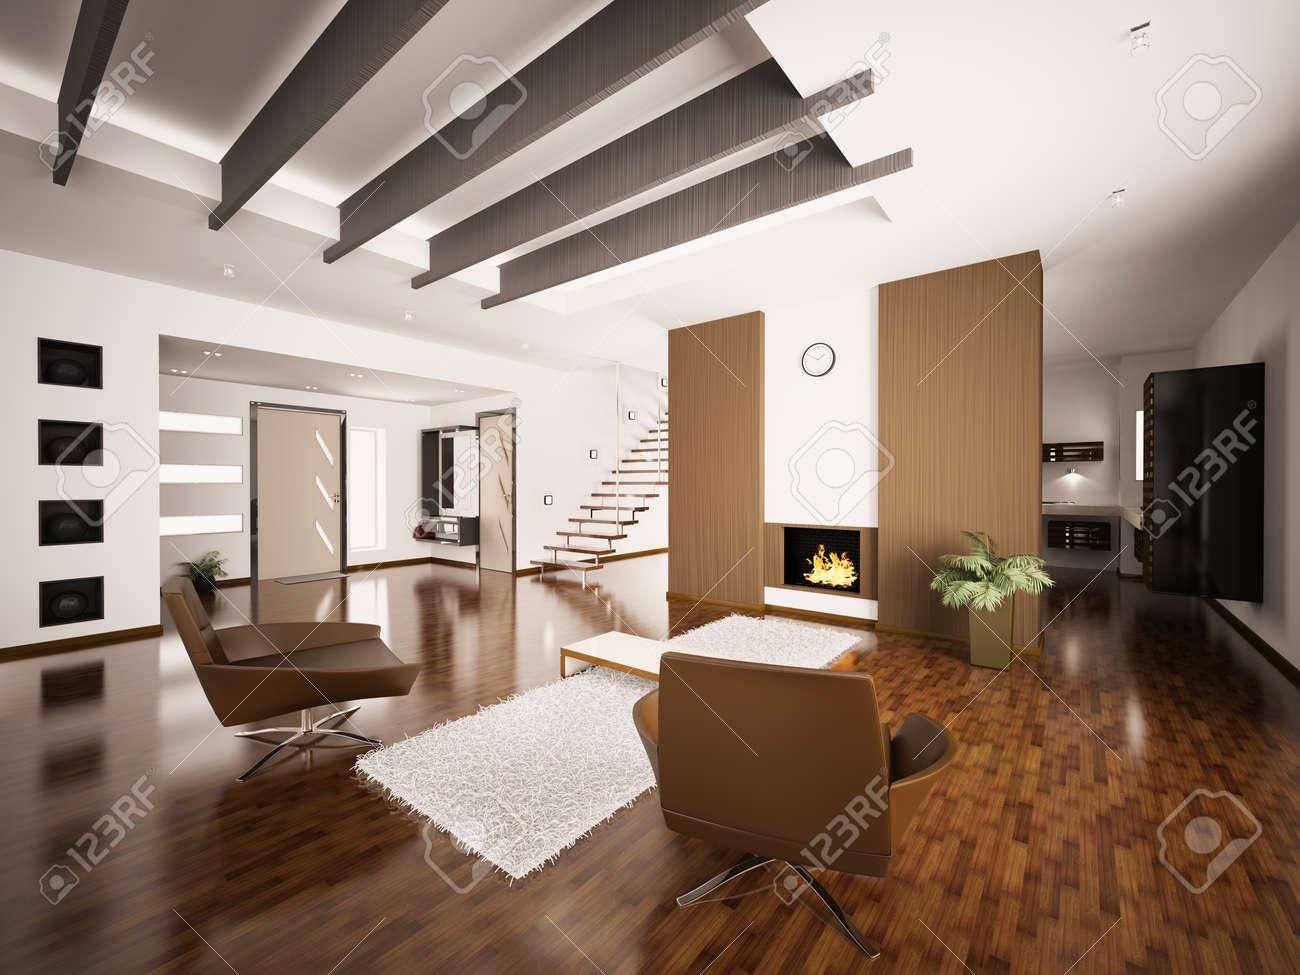 moderno appartamento interni con camino e scalinata salotto sala ... - Immagini Soggiorno Moderno Con Camino 2